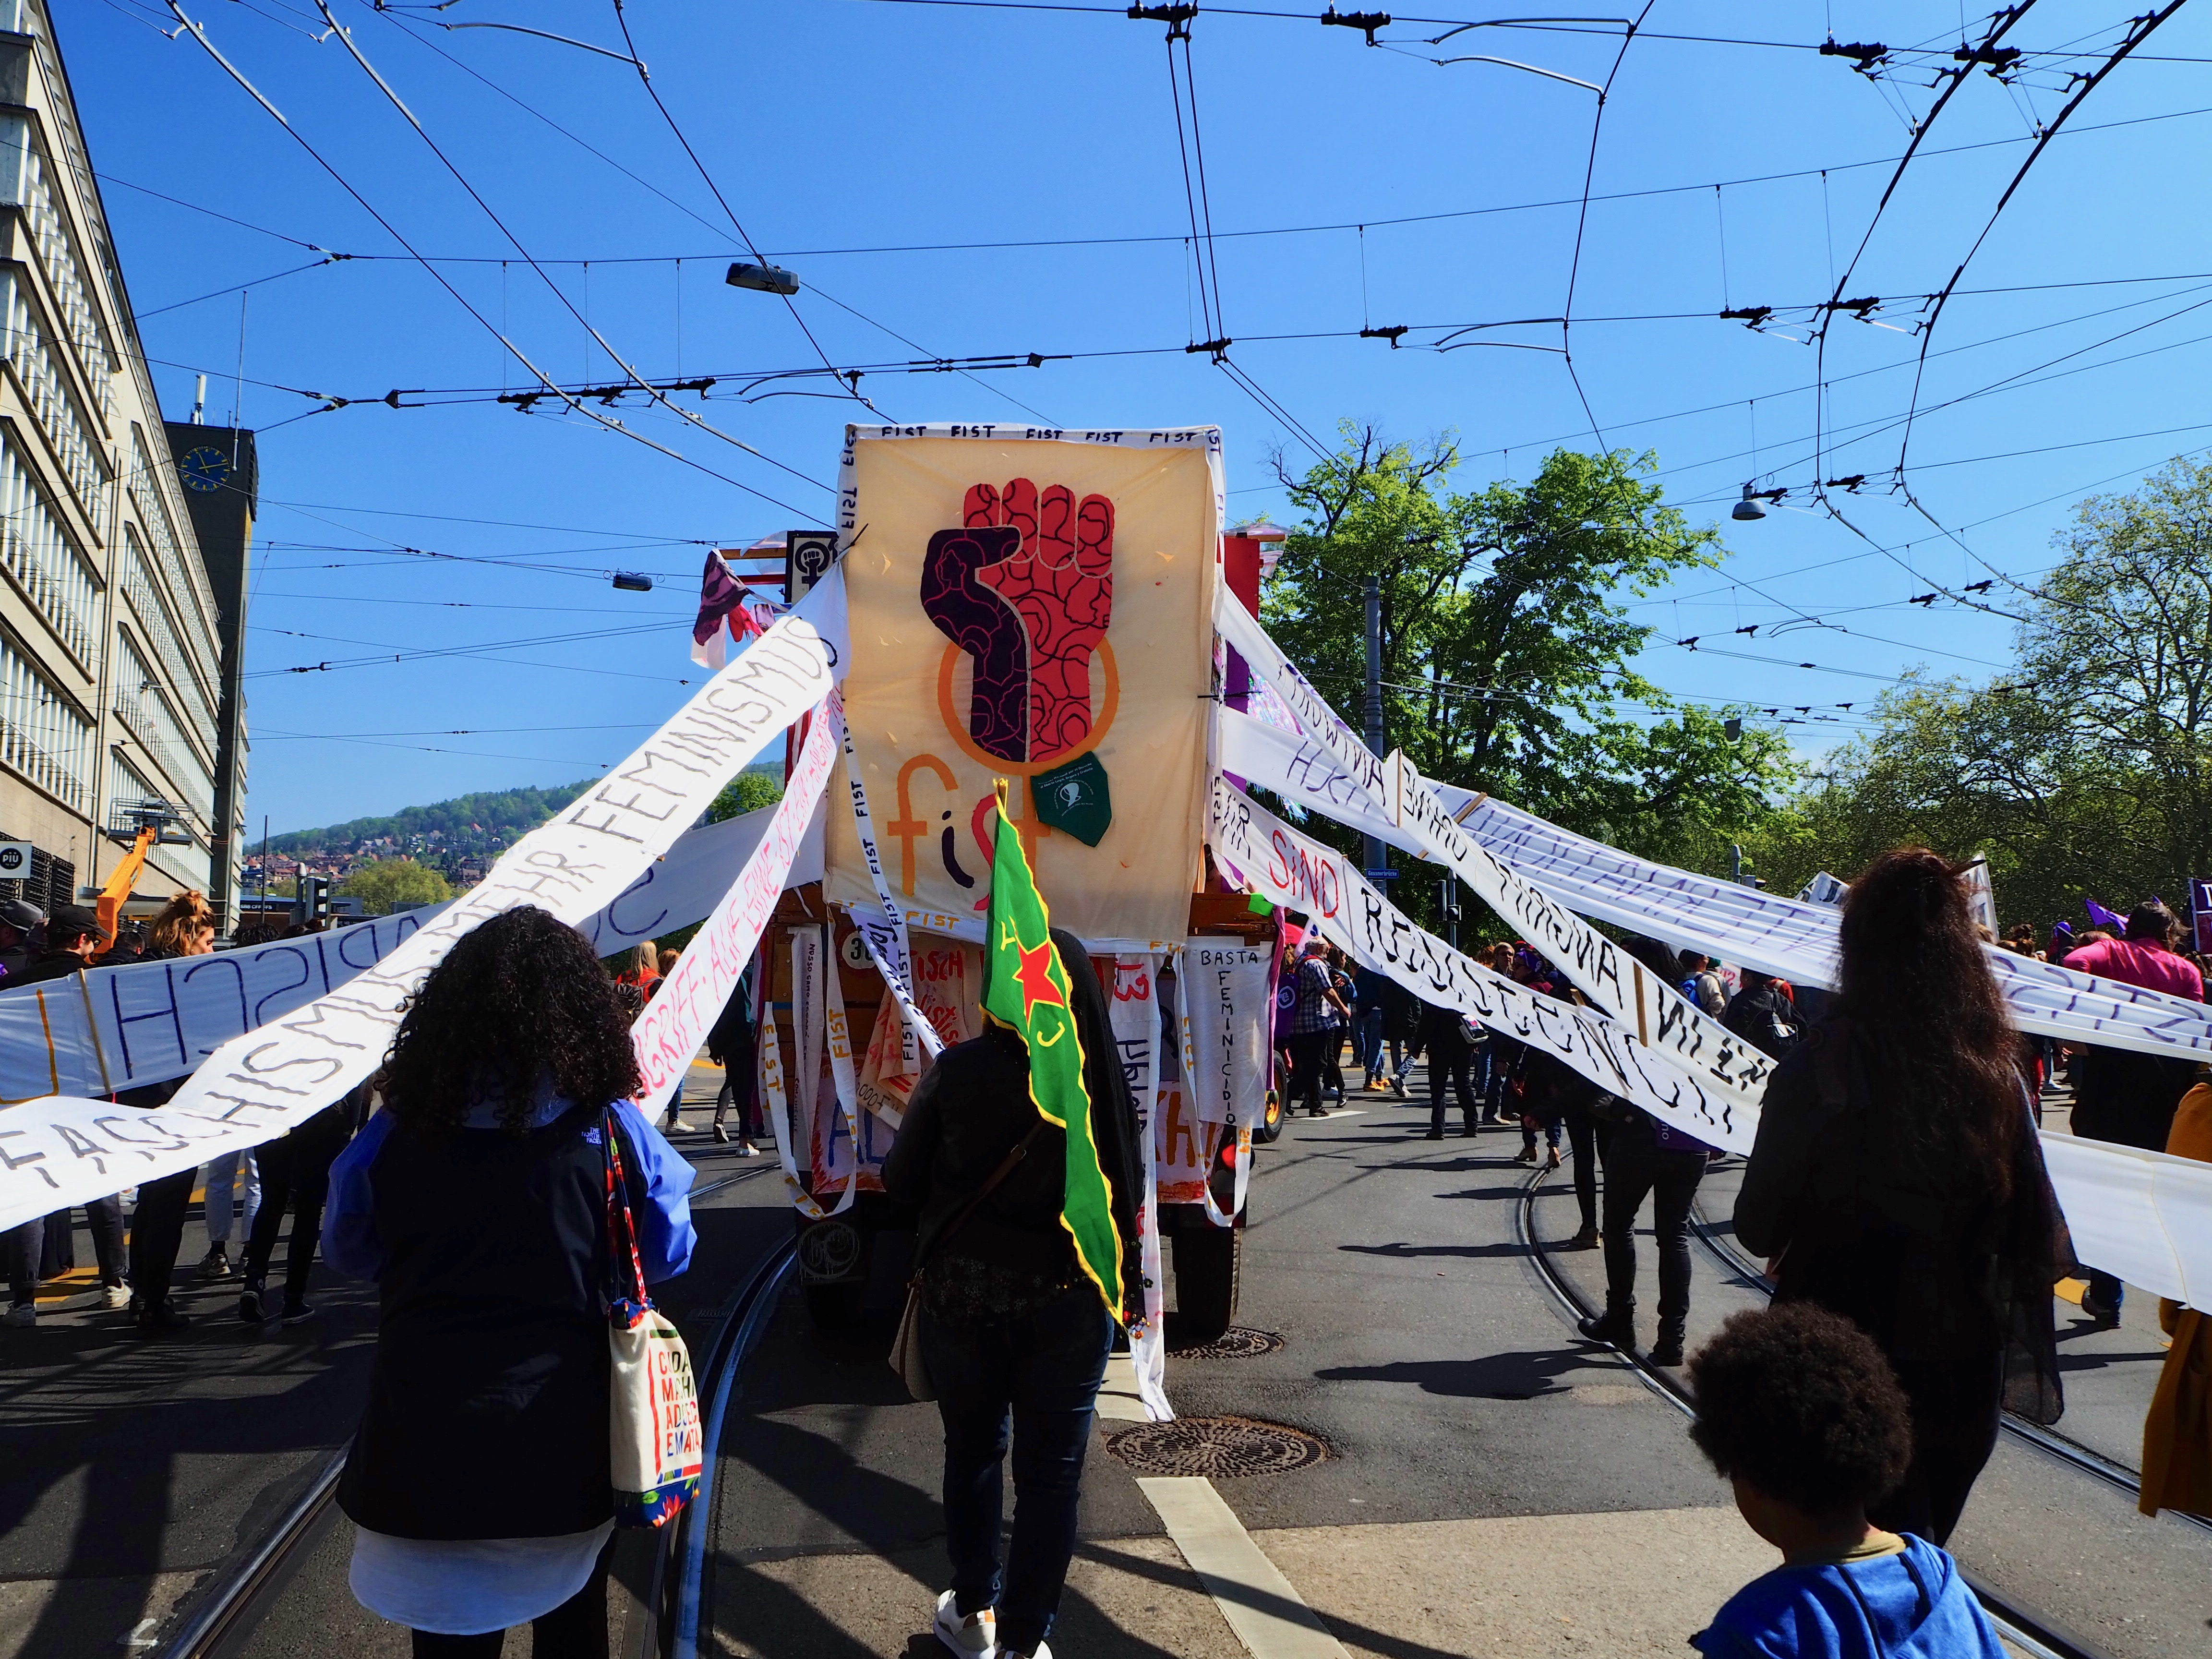 Foto vom FIST Transparent an der 1. Mai Demonstration. Eine Bunte Faust im Feminismus Symbol. Zahlreiche Spruchbänder, auf verschiedenen sprachen beschriftet, sind an dem Transparent befestigt.